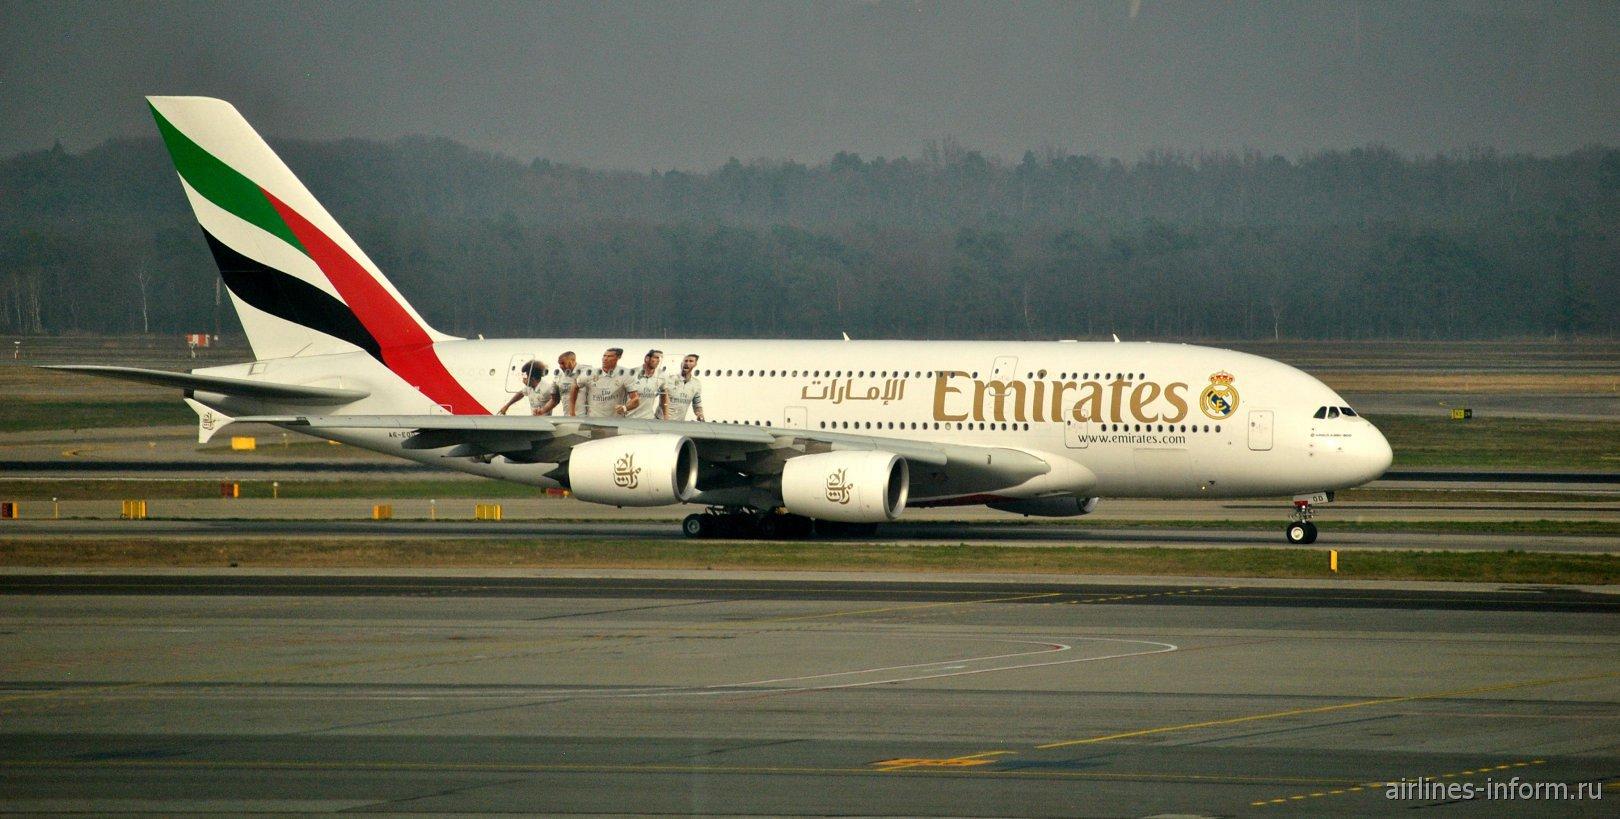 Самолет Airbus A380 авиакомпании Emirates в специальной окраске футбольного клуба